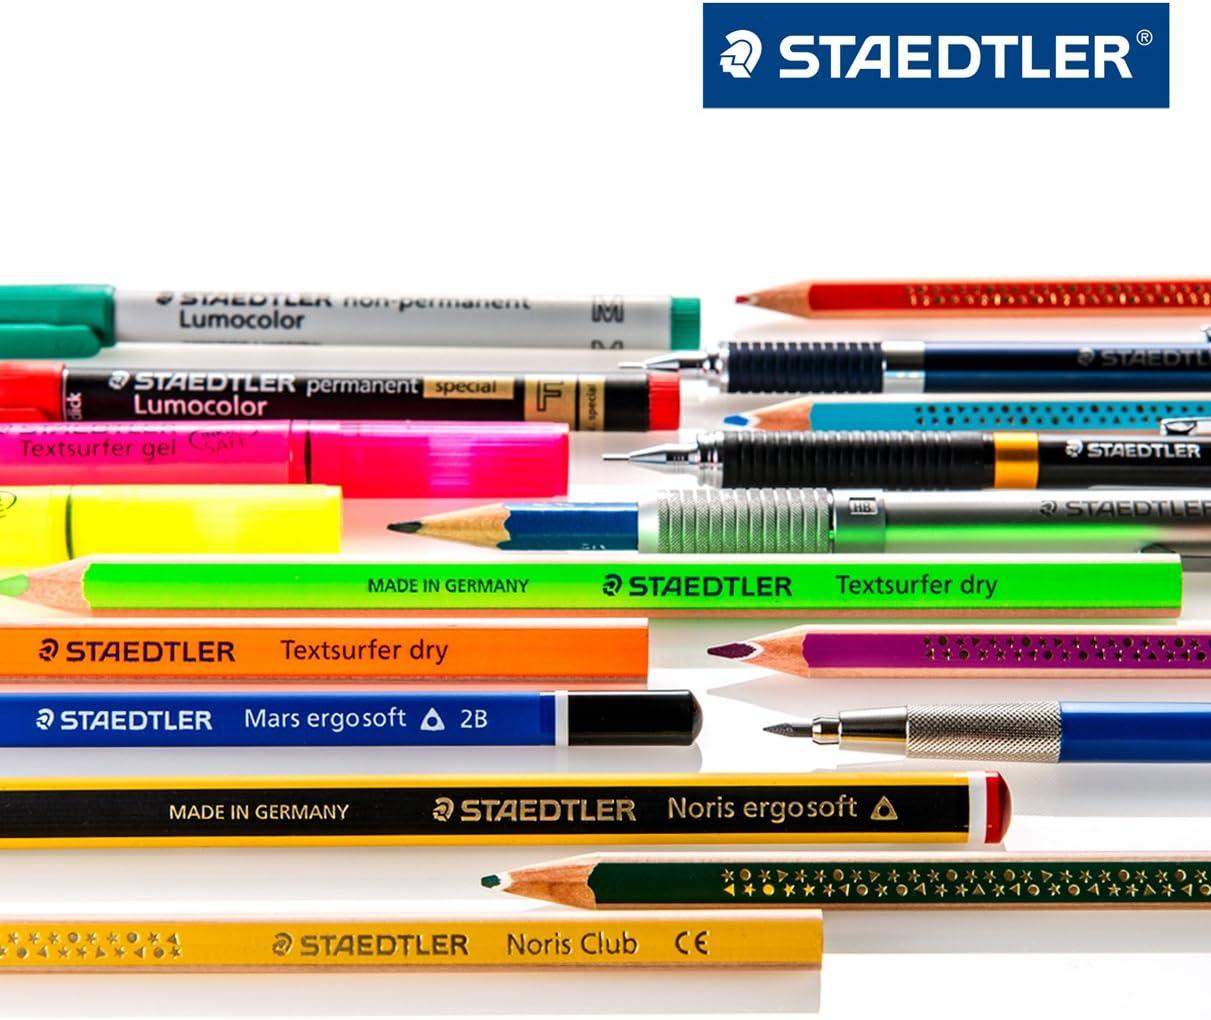 Staedtler Pencil Holder, 900 25